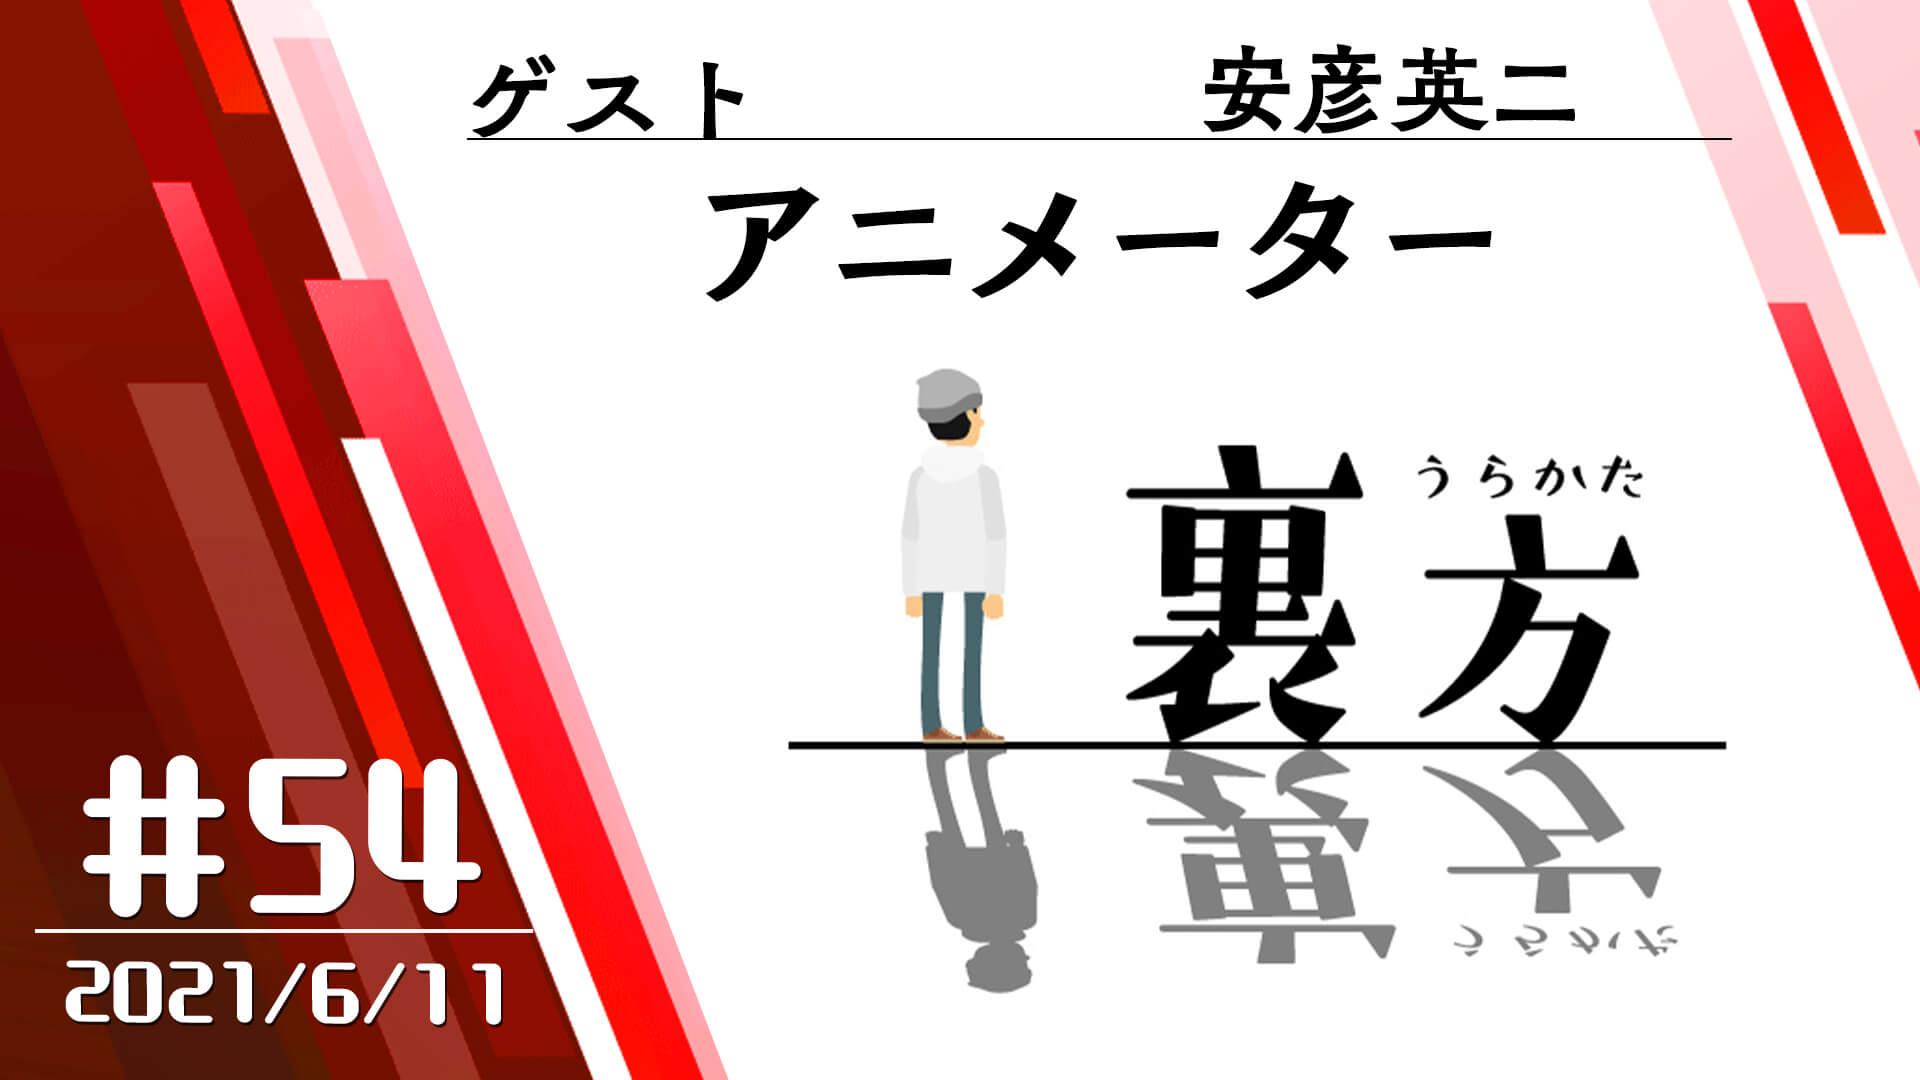 【ゲスト:アニメーター 安彦英二さん】文化放送超!A&G+ 「裏方」#54 (2021年6月11日放送分)